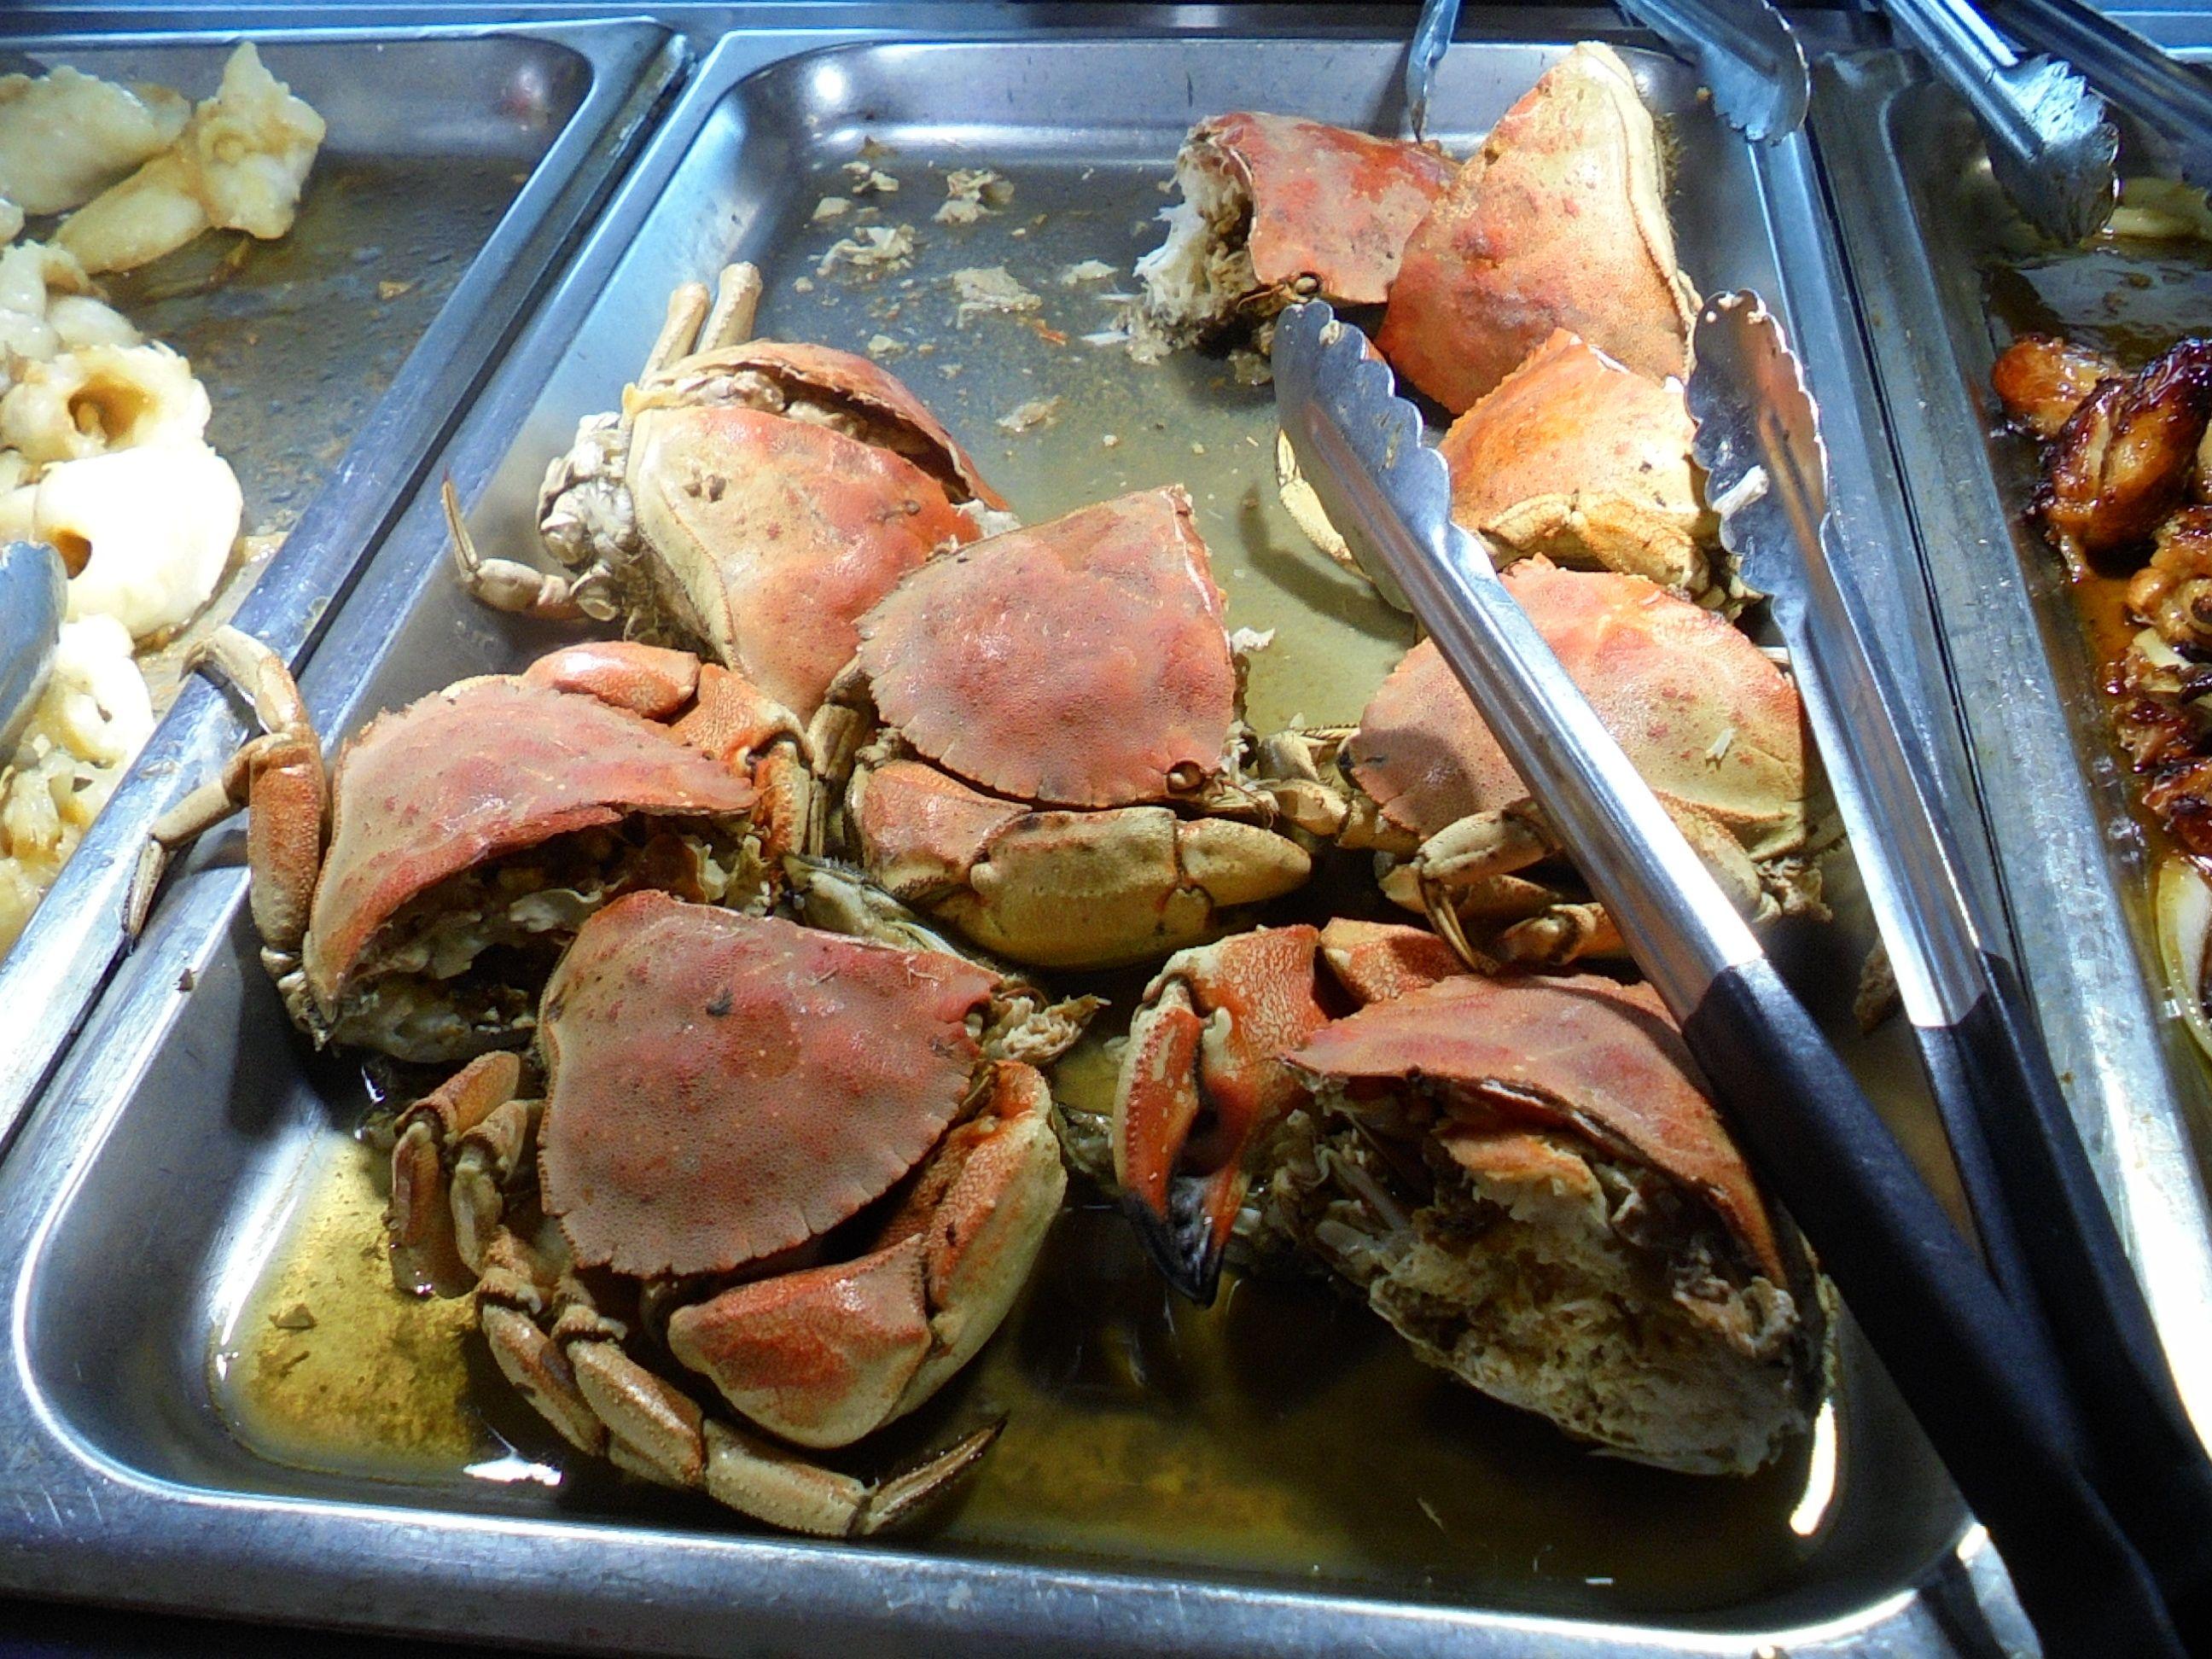 #Hibachi #style #KingCrab #upclose - www.drewrynewsnetwork.com